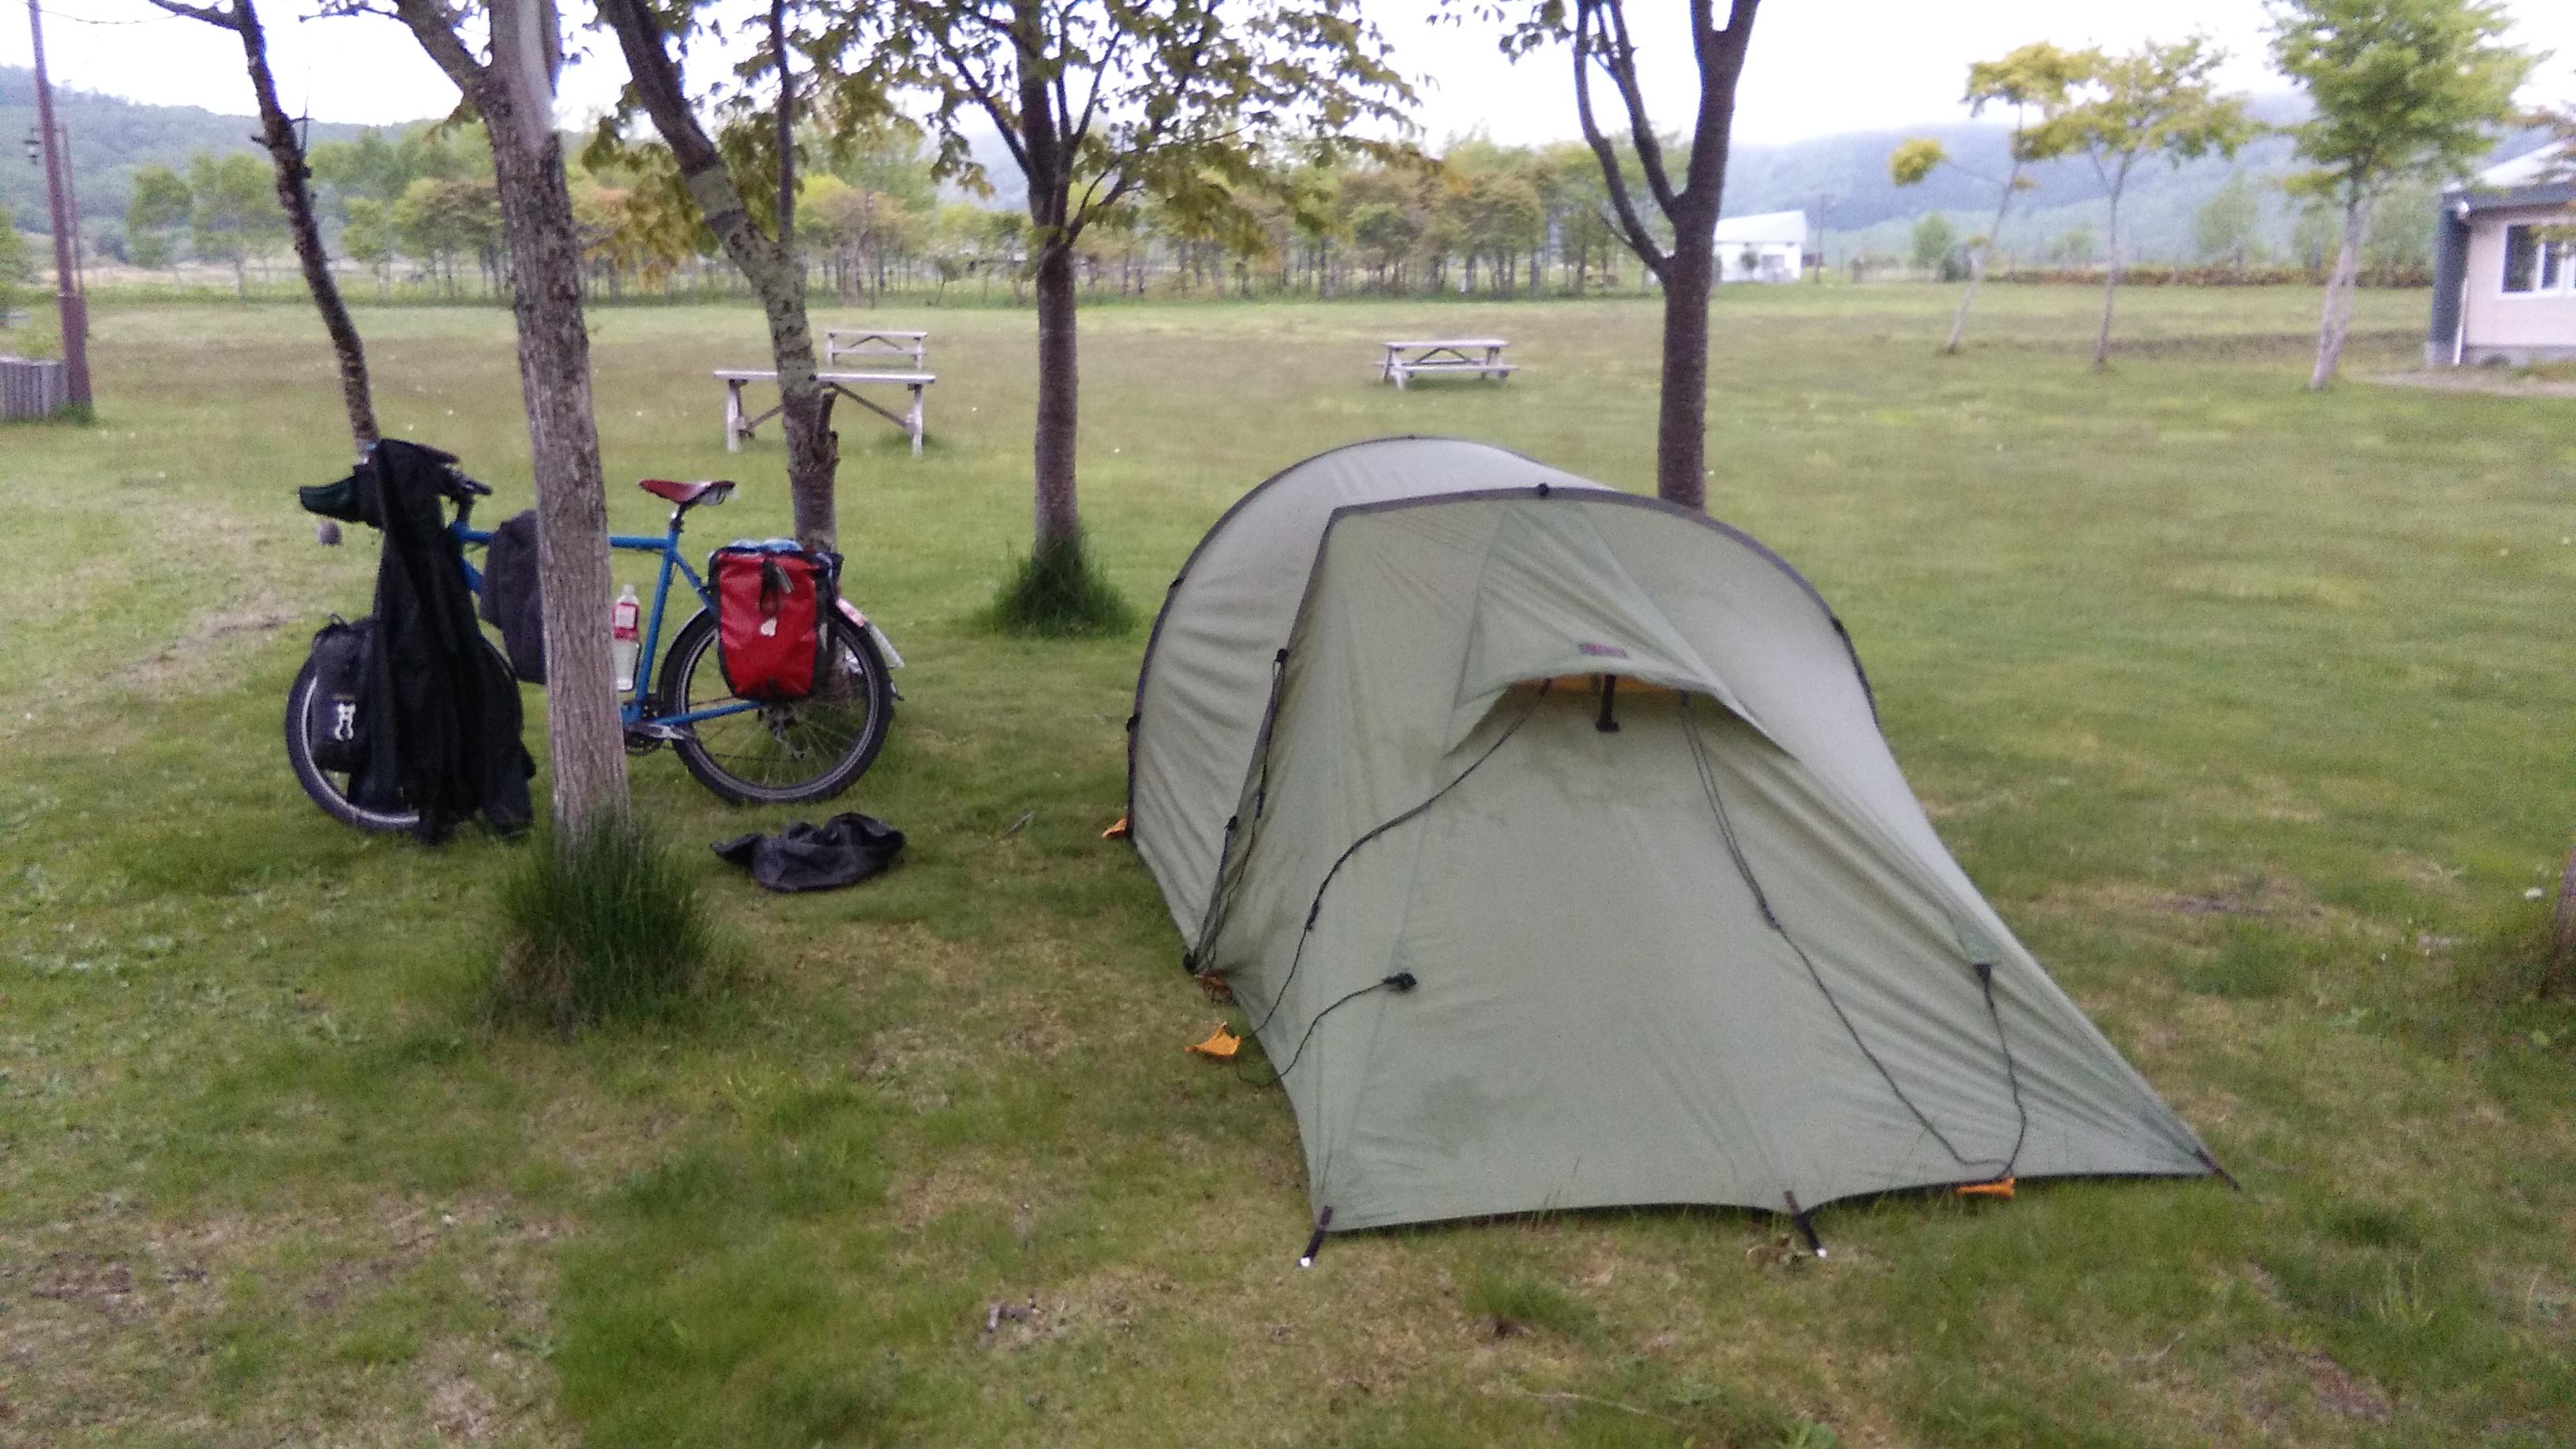 Broken tent pole